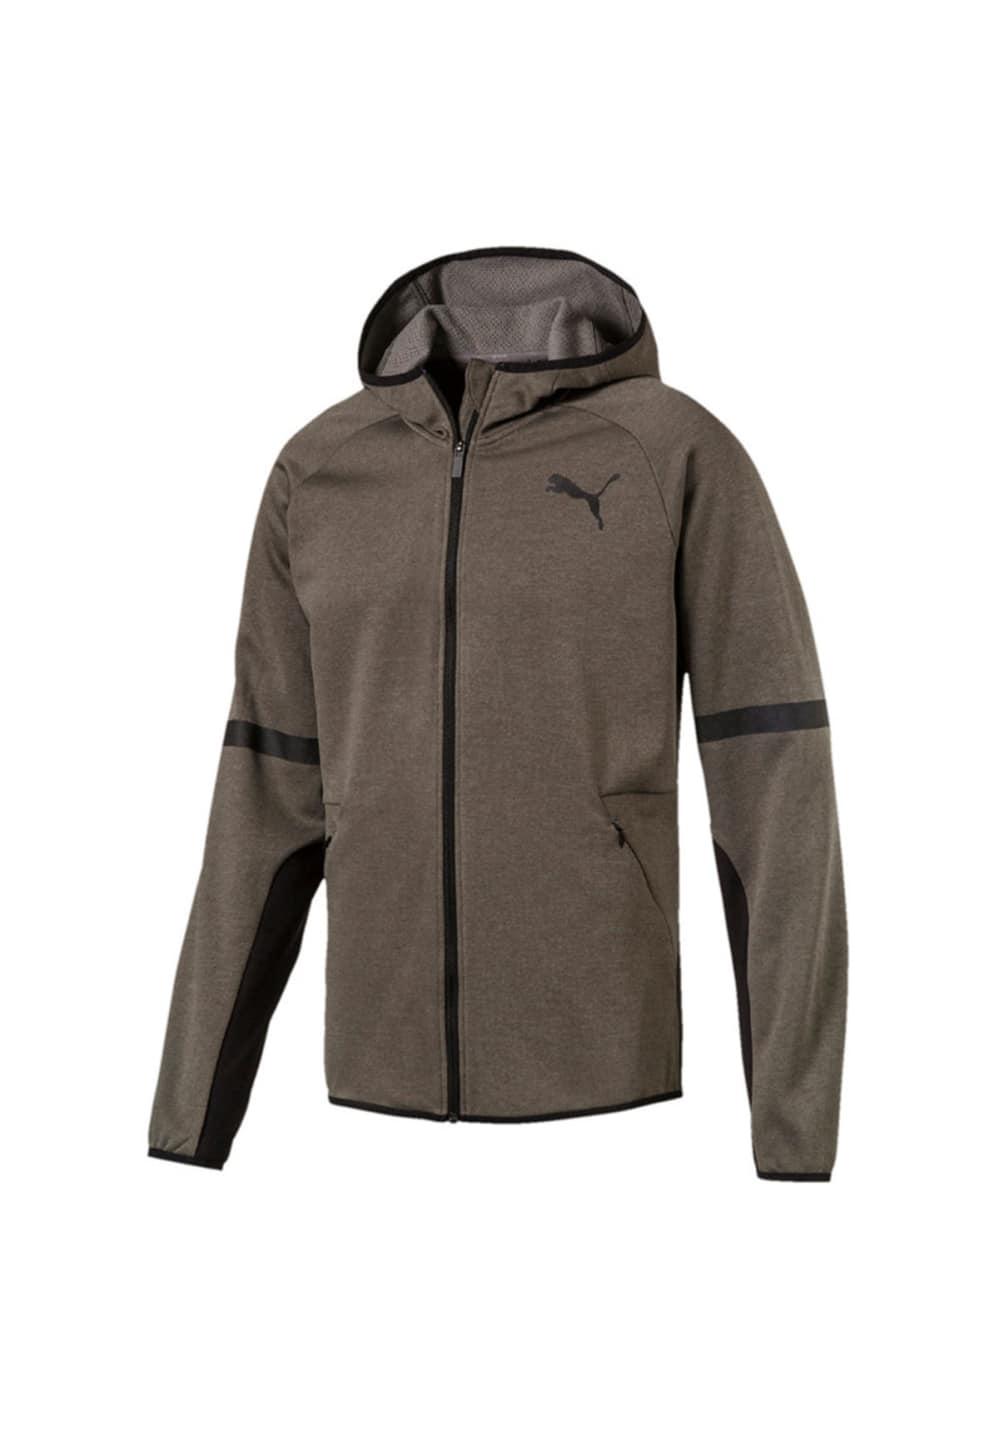 Puma Bnd Tech Jacket - Laufjacken für Herren - Grau, Gr. S